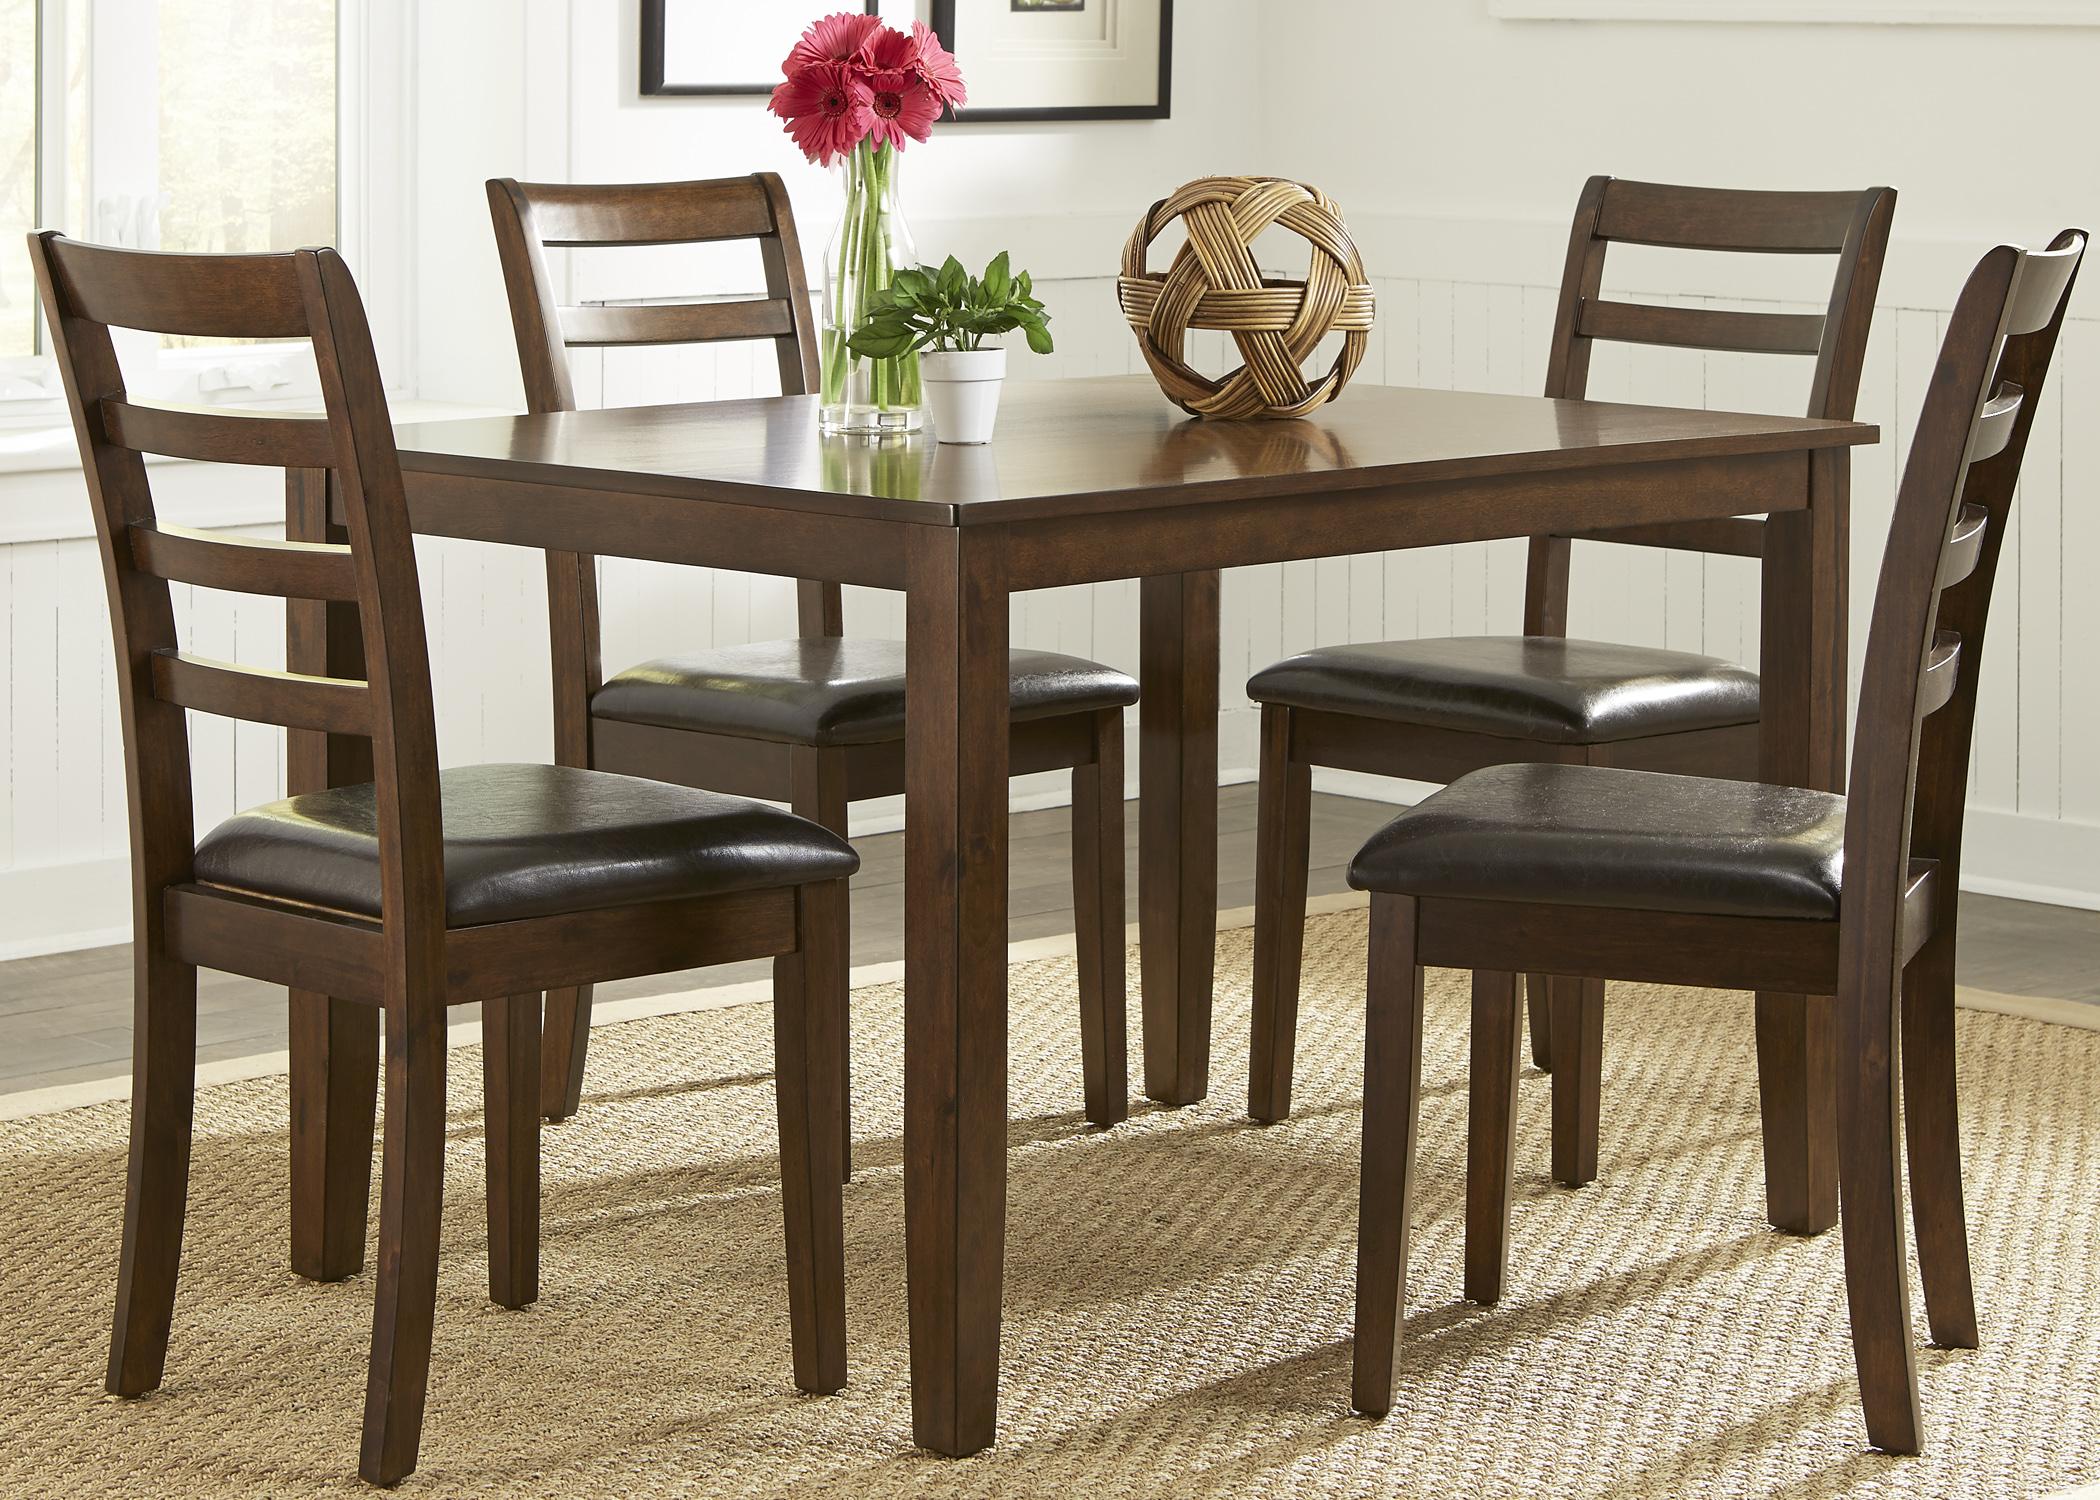 Liberty Furniture 5 Piece Rectangular Leg Table Set